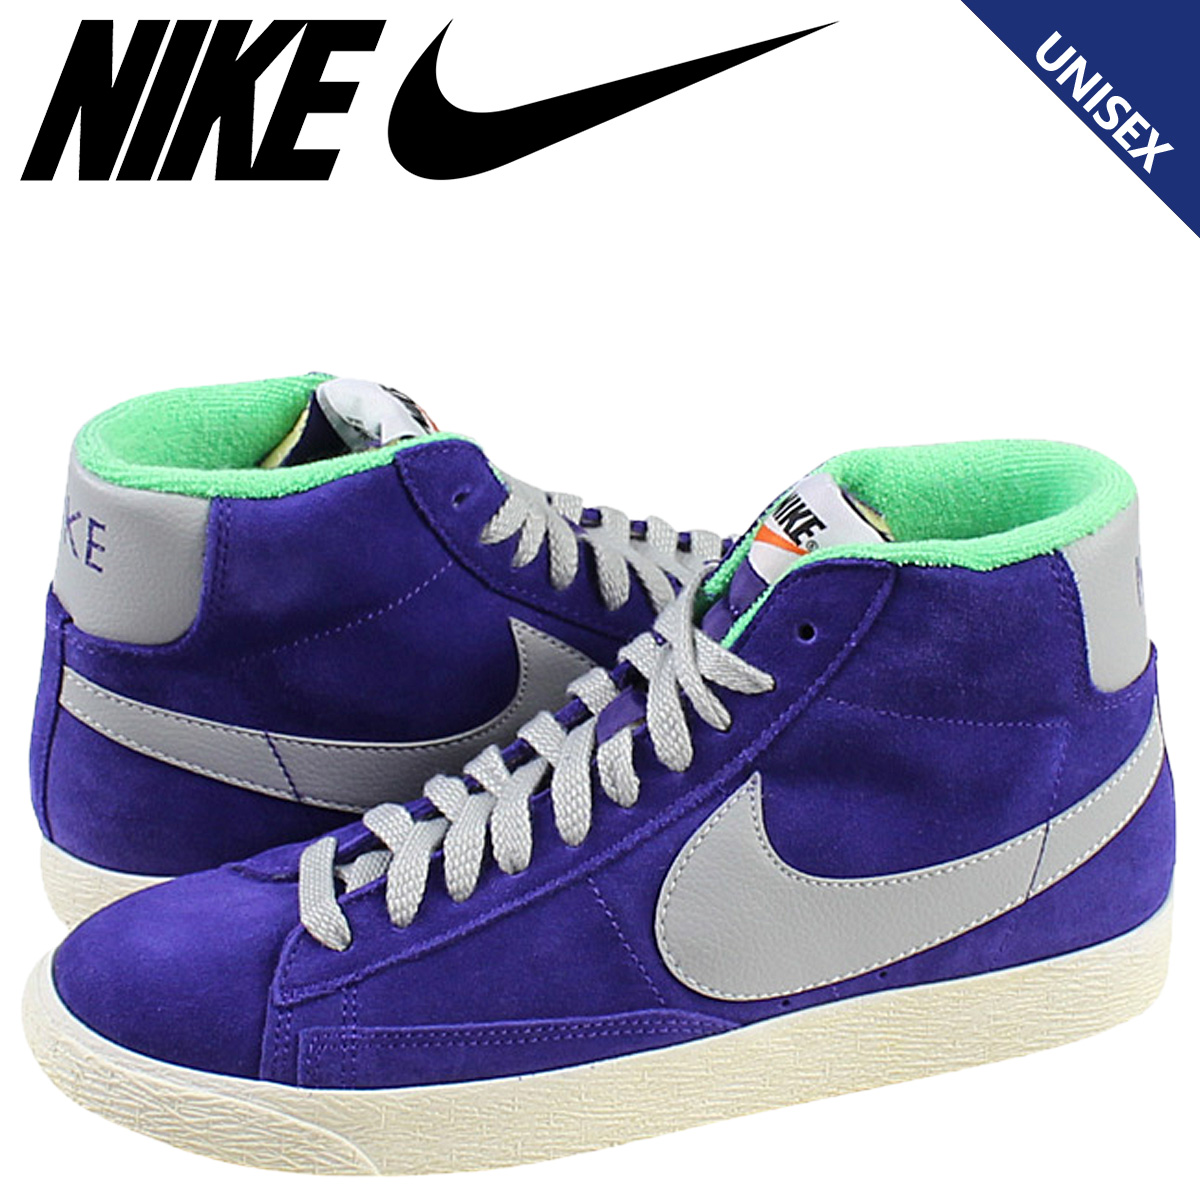 0b81e20a Nike NIKE women's BLAZER MID VINTAGE sneakers Blazer mid vintage suede  men's 538282-500 blue ...